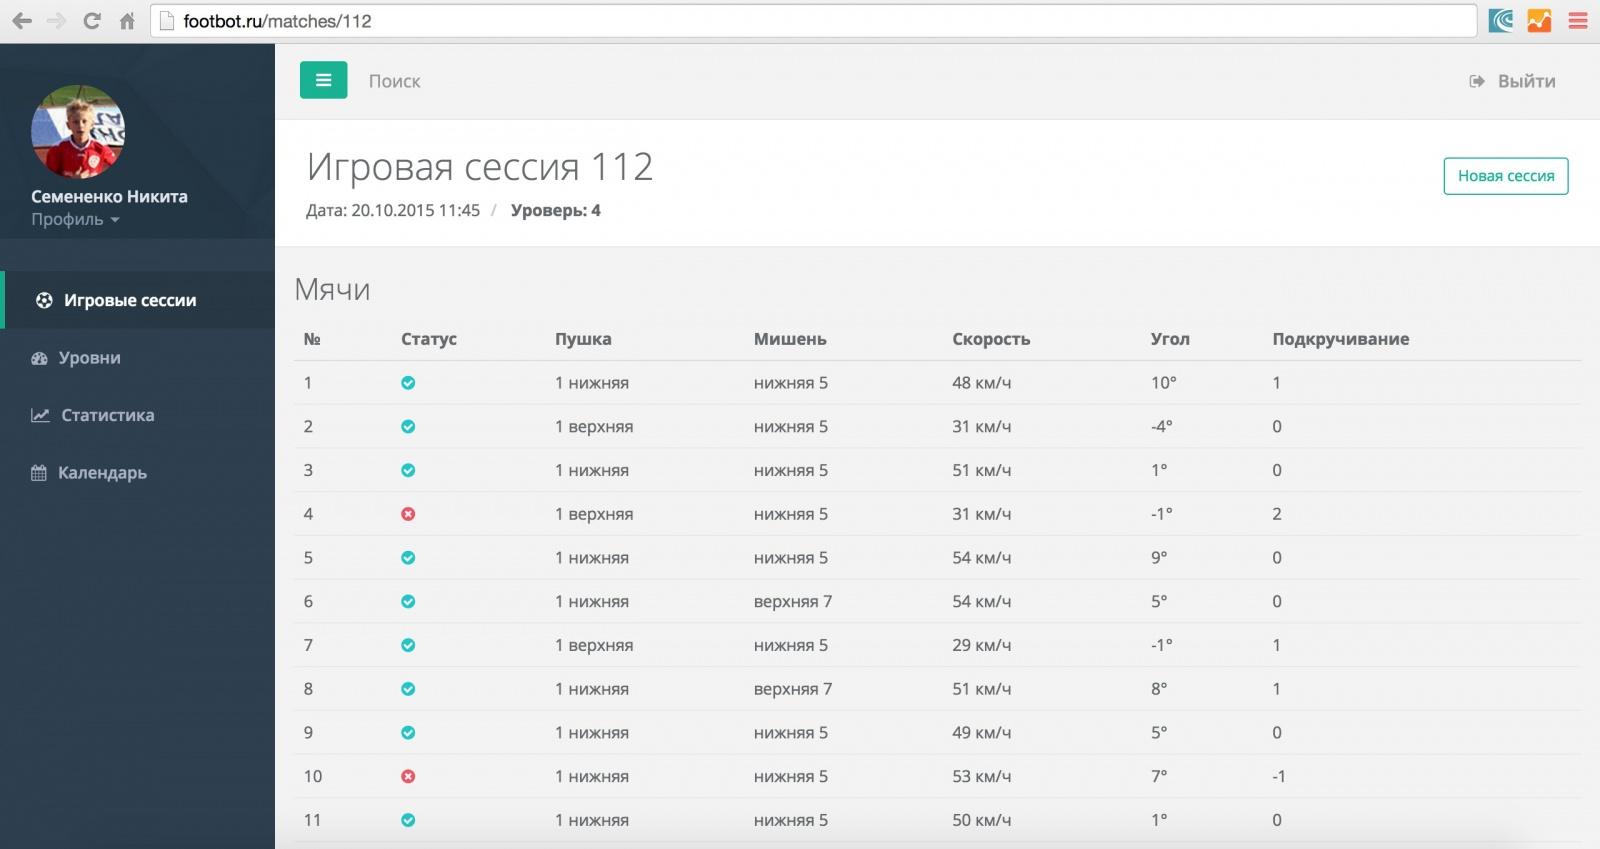 Стартапы в российском футболе: они существуют - 4